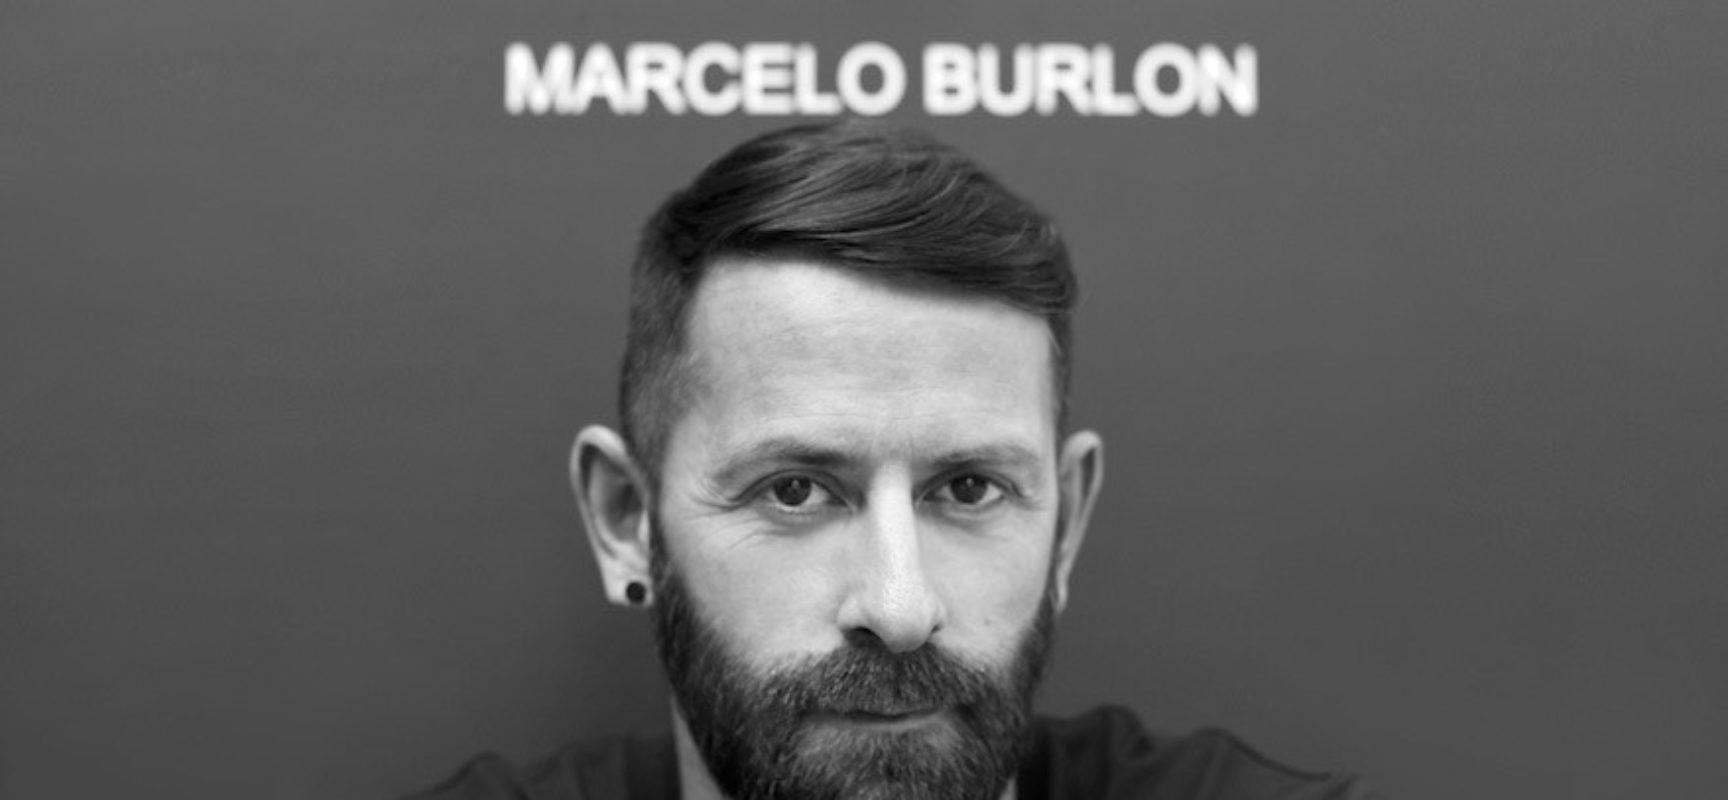 Marcel Burlon a Napoli